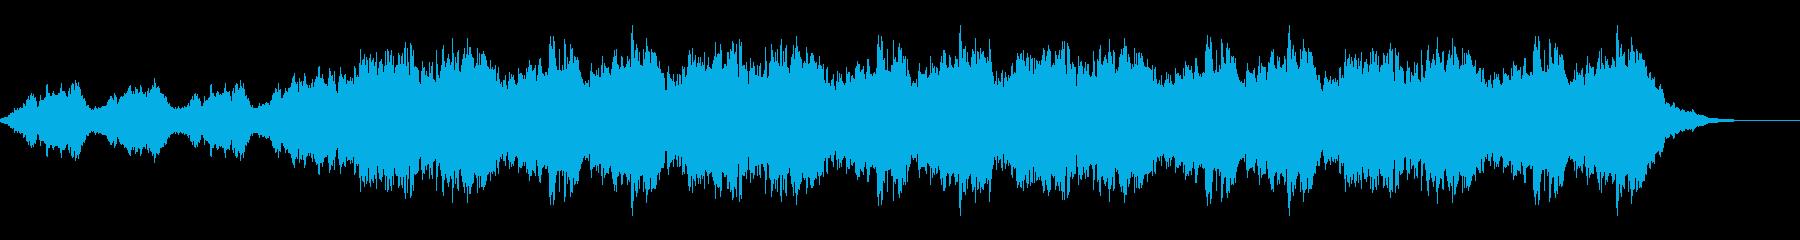 何かを思わせるBGMの再生済みの波形